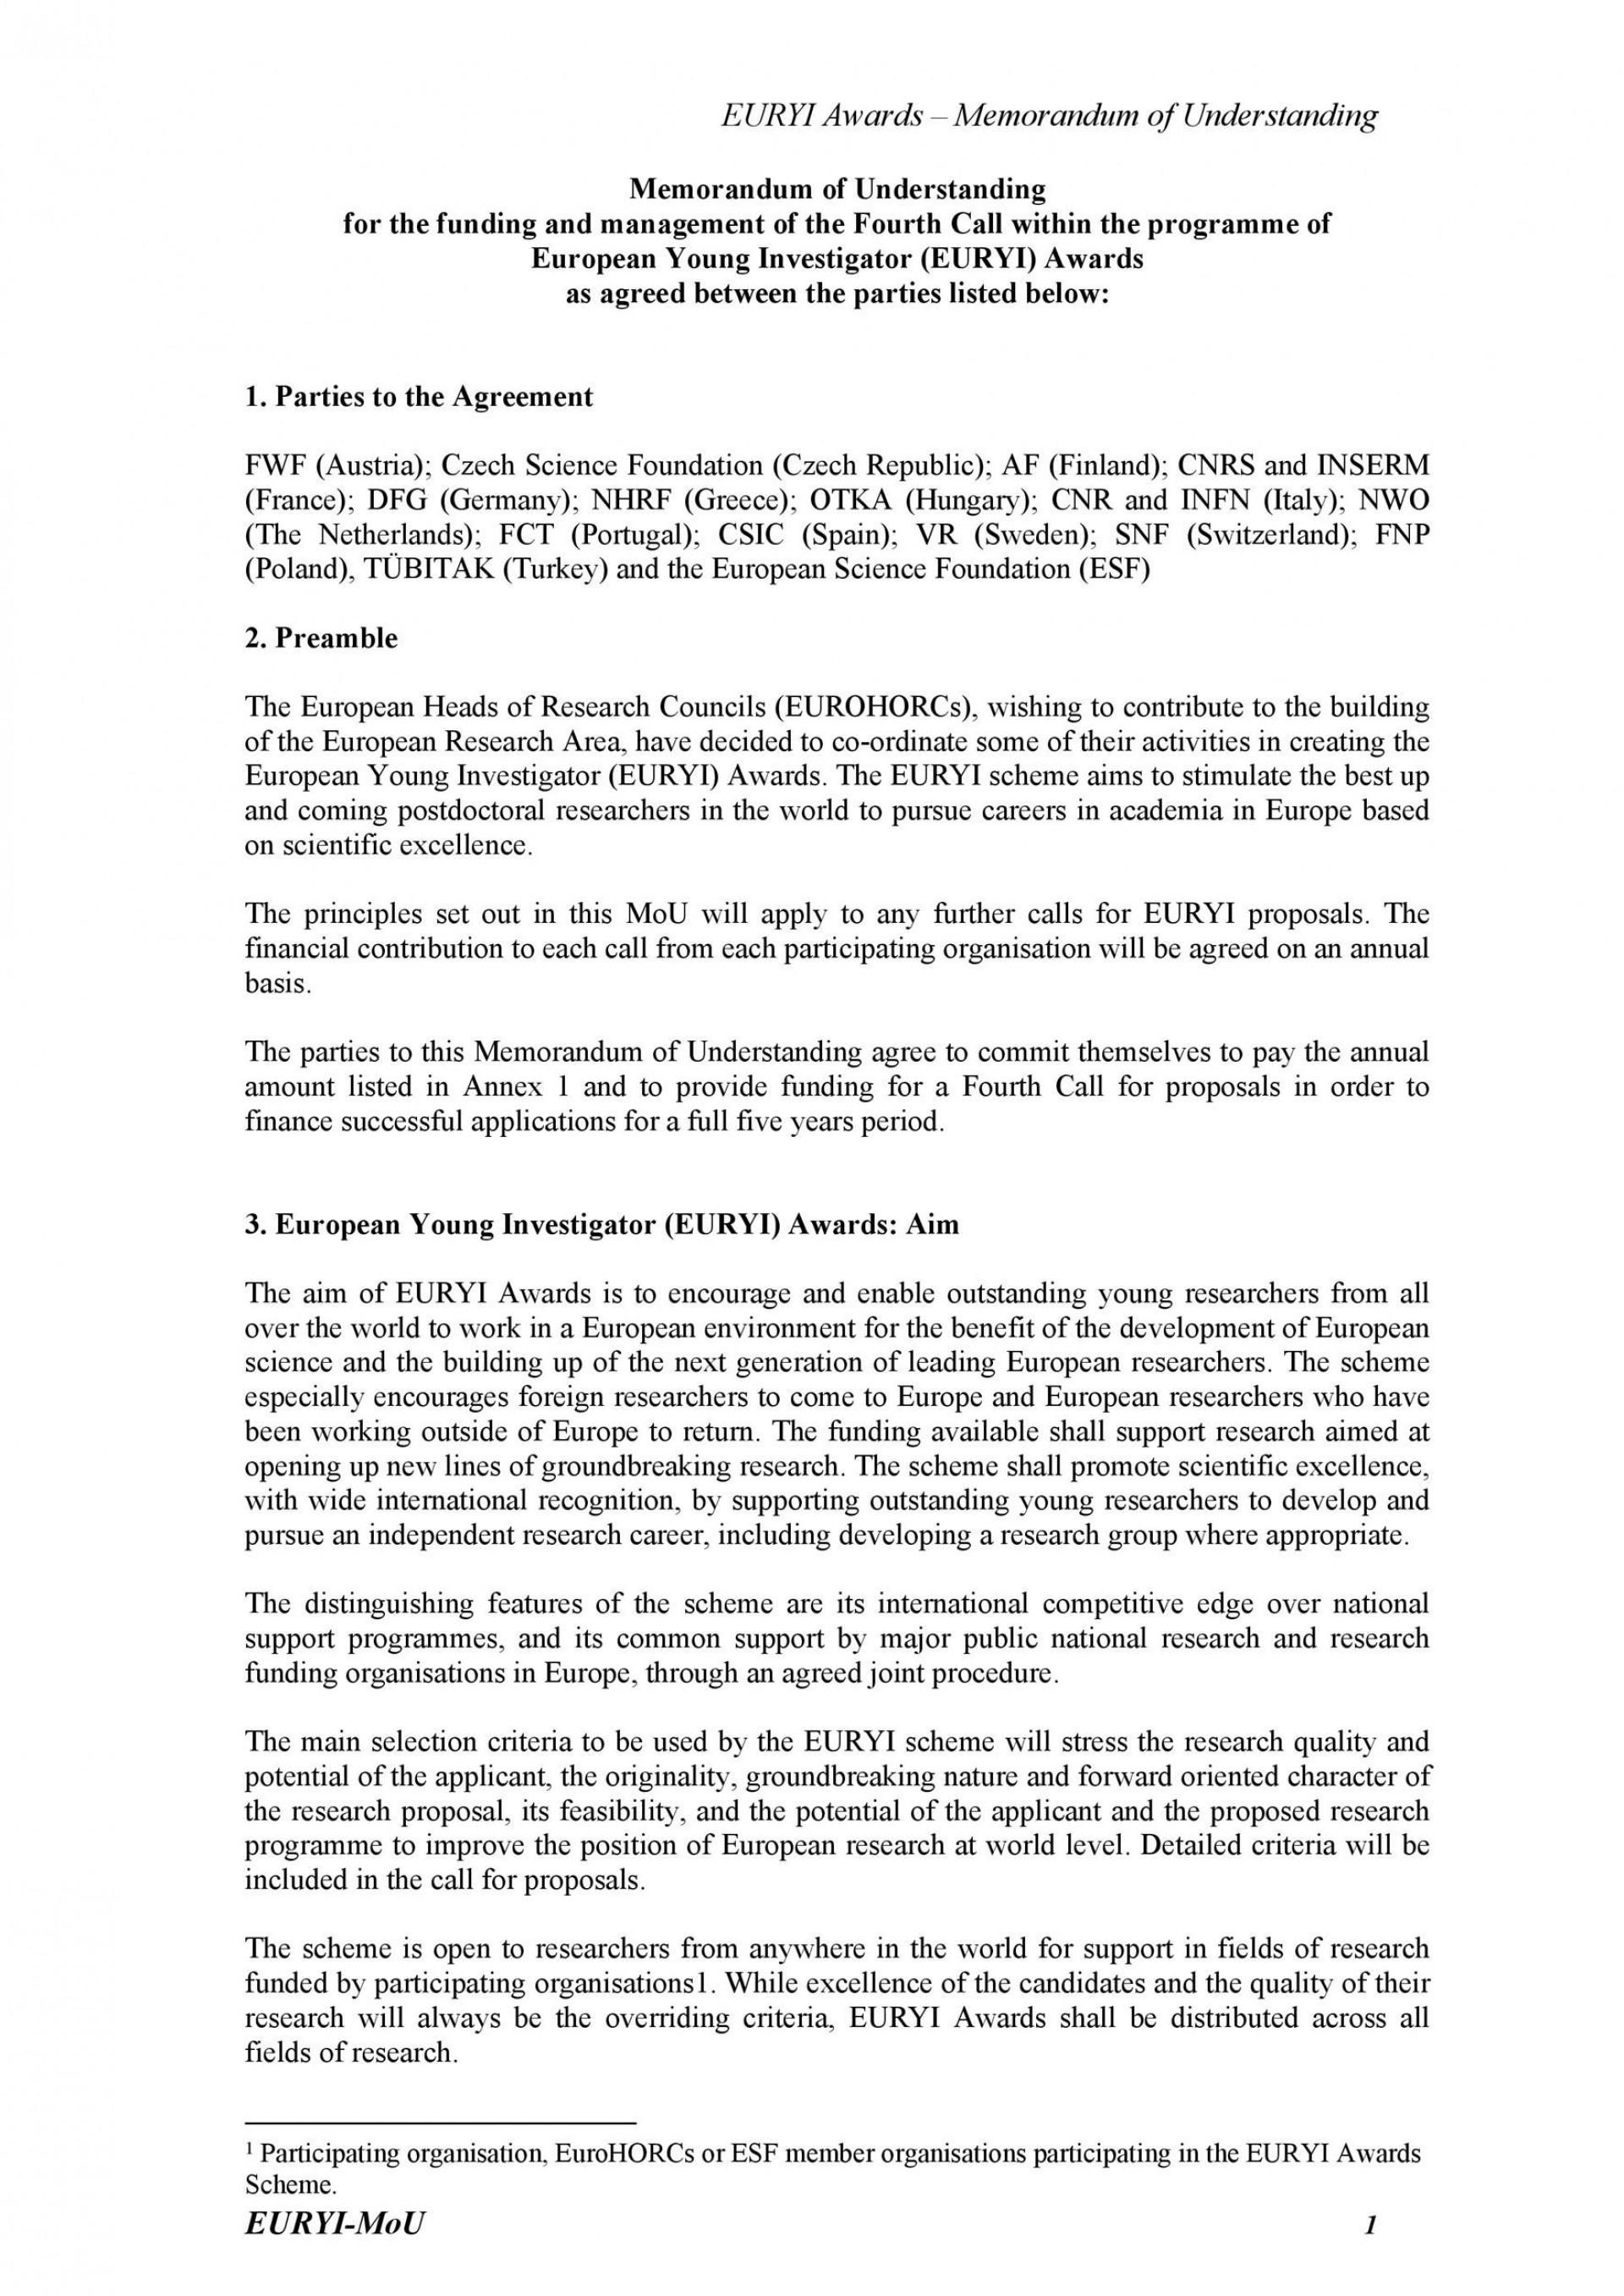 002 Unique Letter Of Understanding Format Design  Sample Memorandum1920